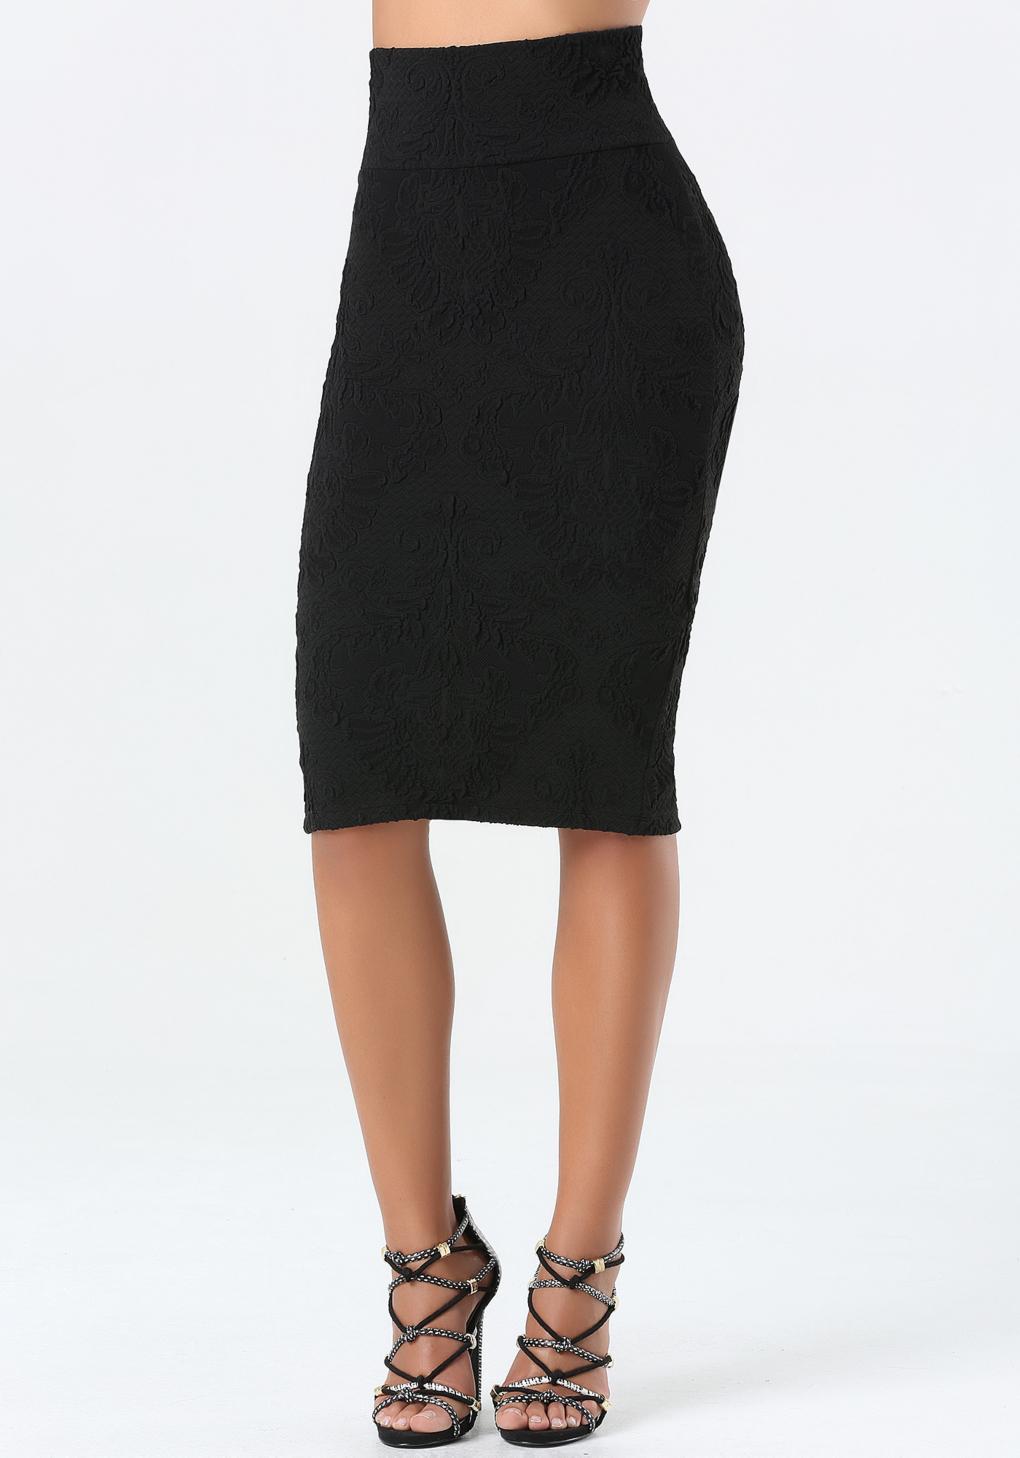 bebe jacquard midi skirt in black lyst